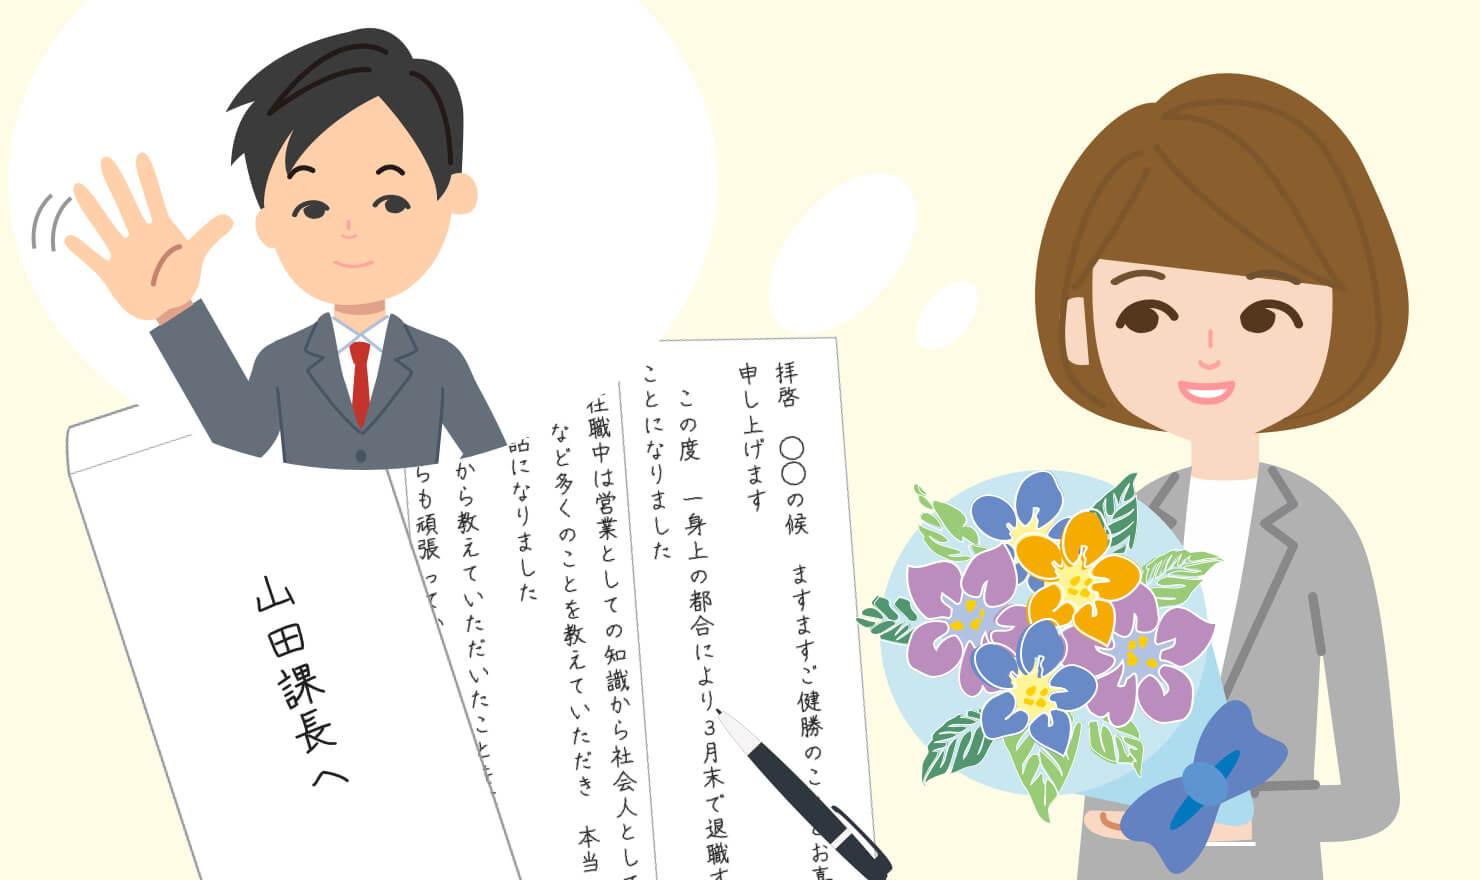 【記入例あり】退職の挨拶は手紙で!感謝が伝わる書き方マナー